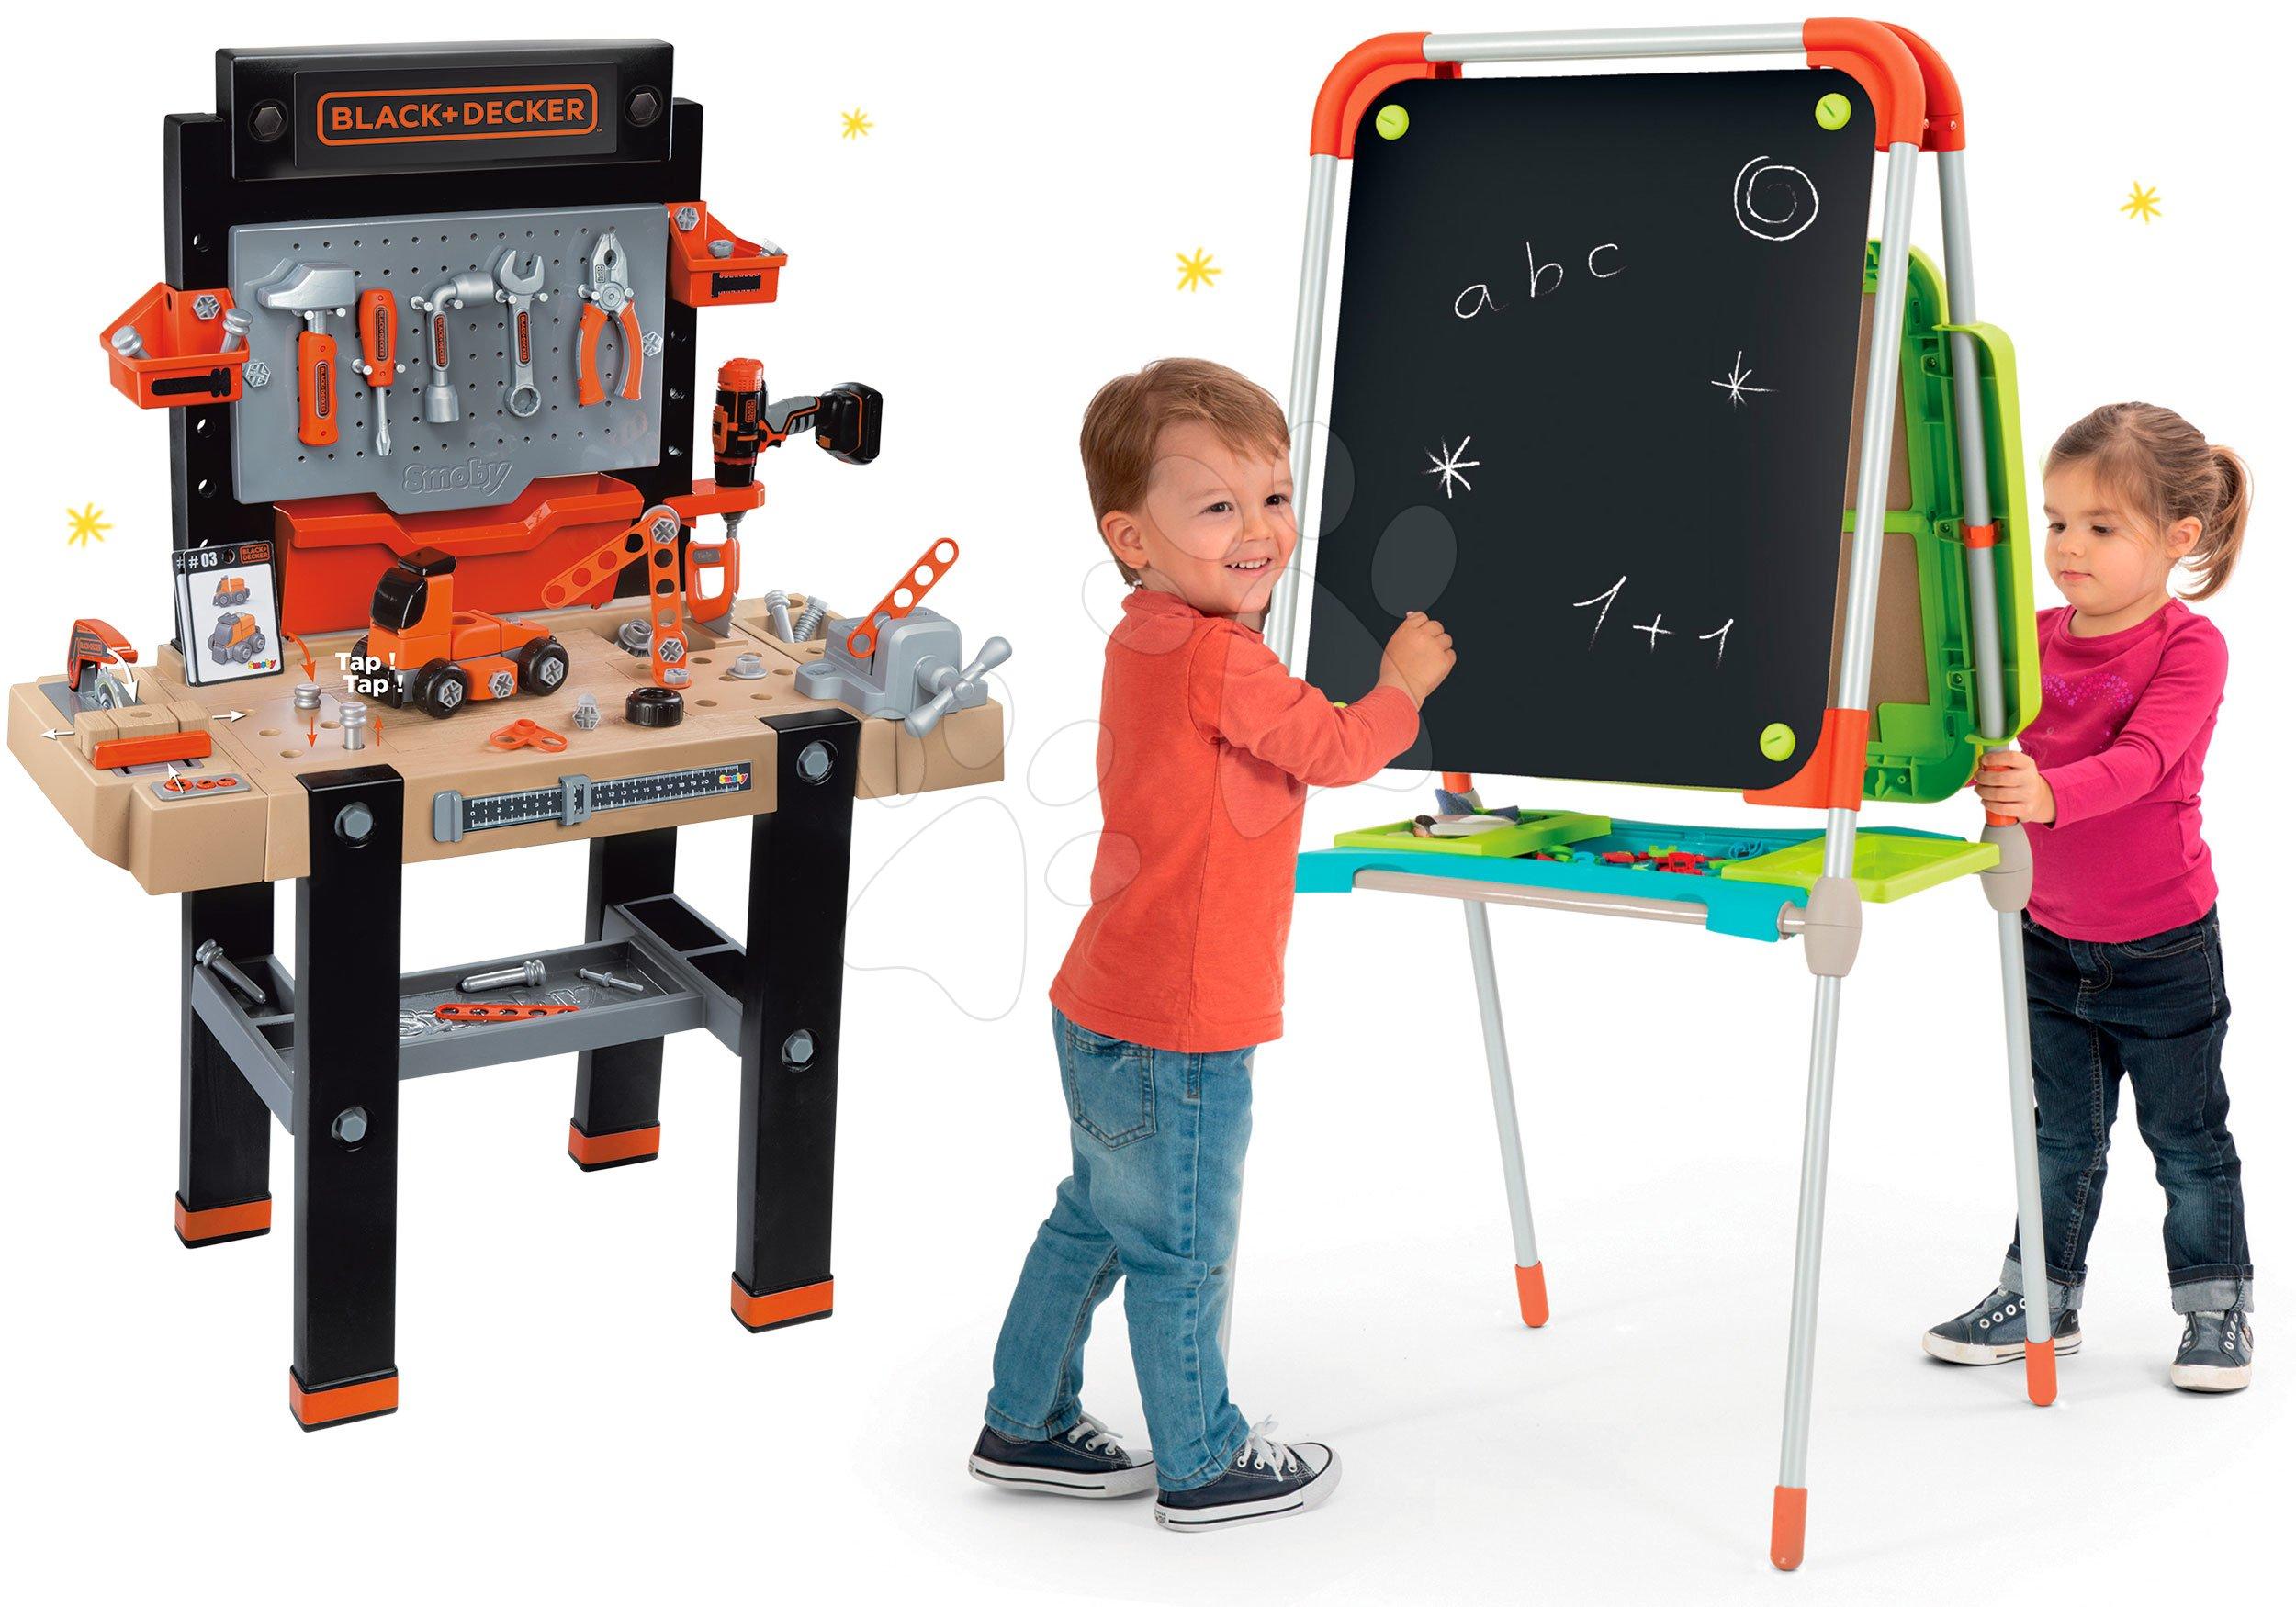 Smoby set školská magnetická tabuľa a pracovná dielňa Black+Decker 410202-4